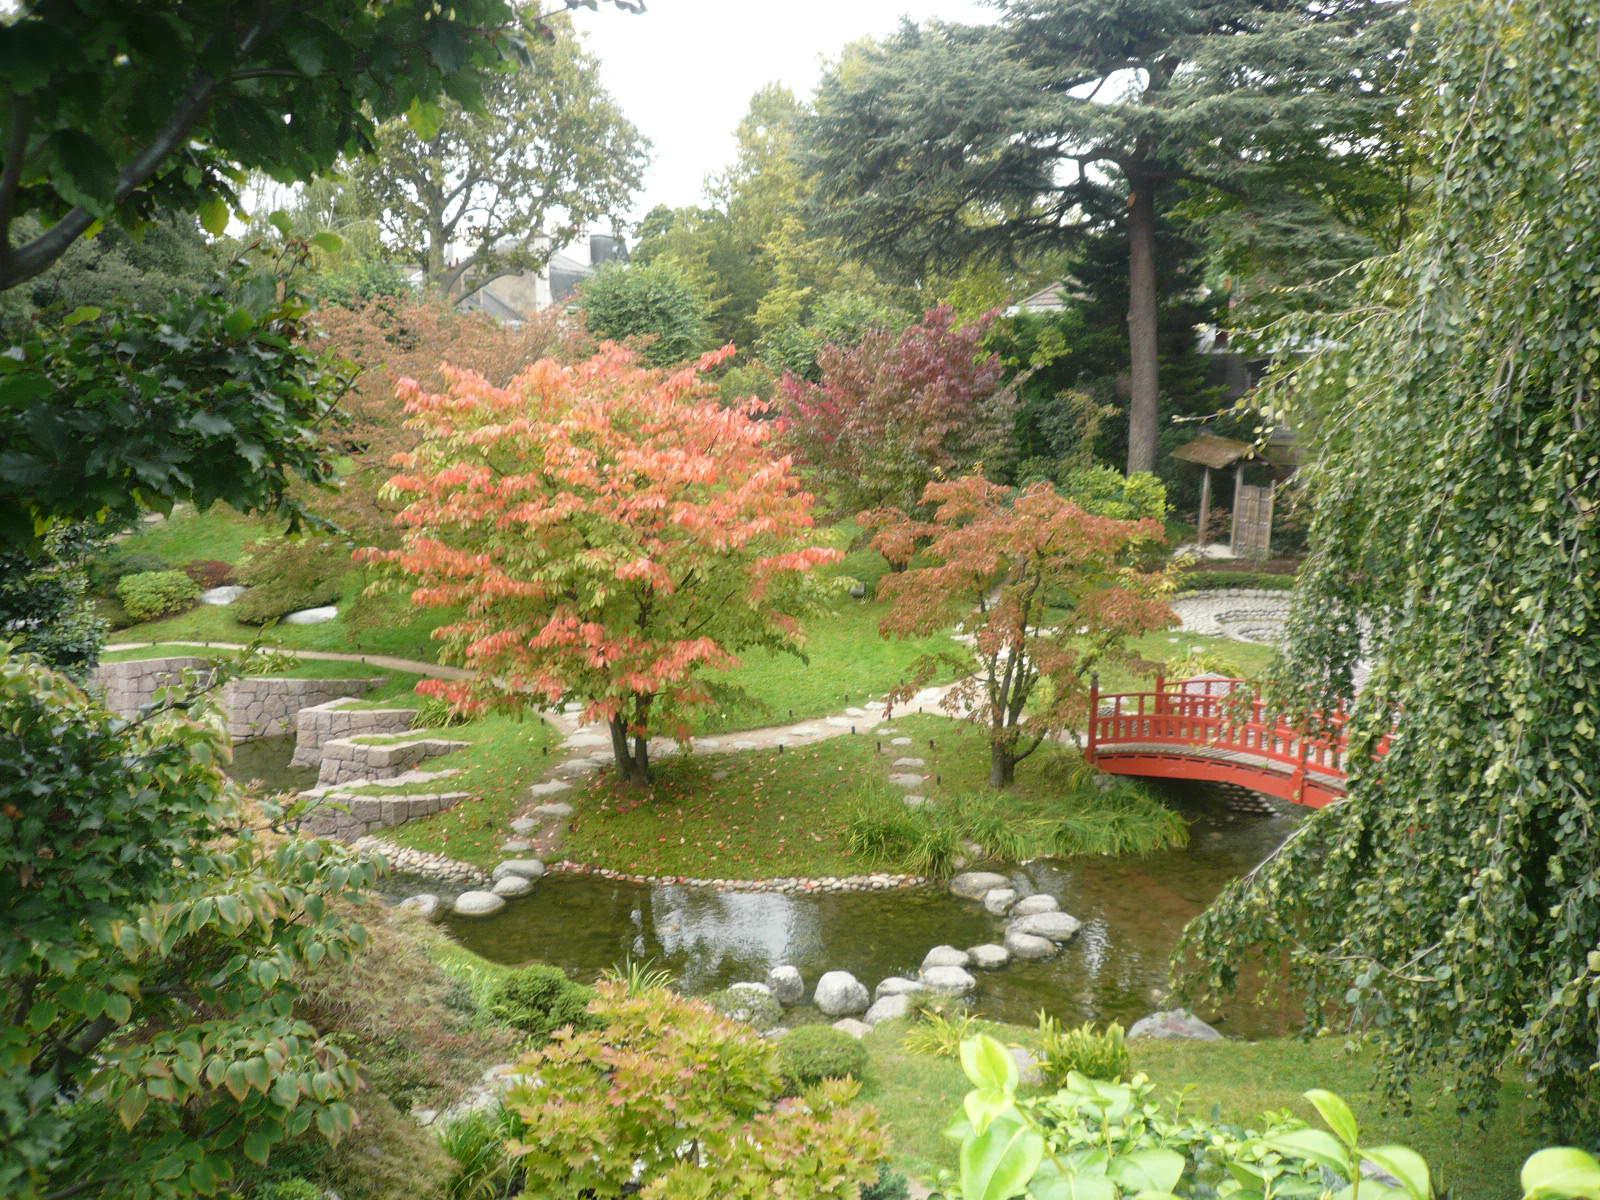 Fichier:p1060639 Jardin Japonais Moderne Tres Colore.jpg ... dedans Plante Pour Jardin Japonais